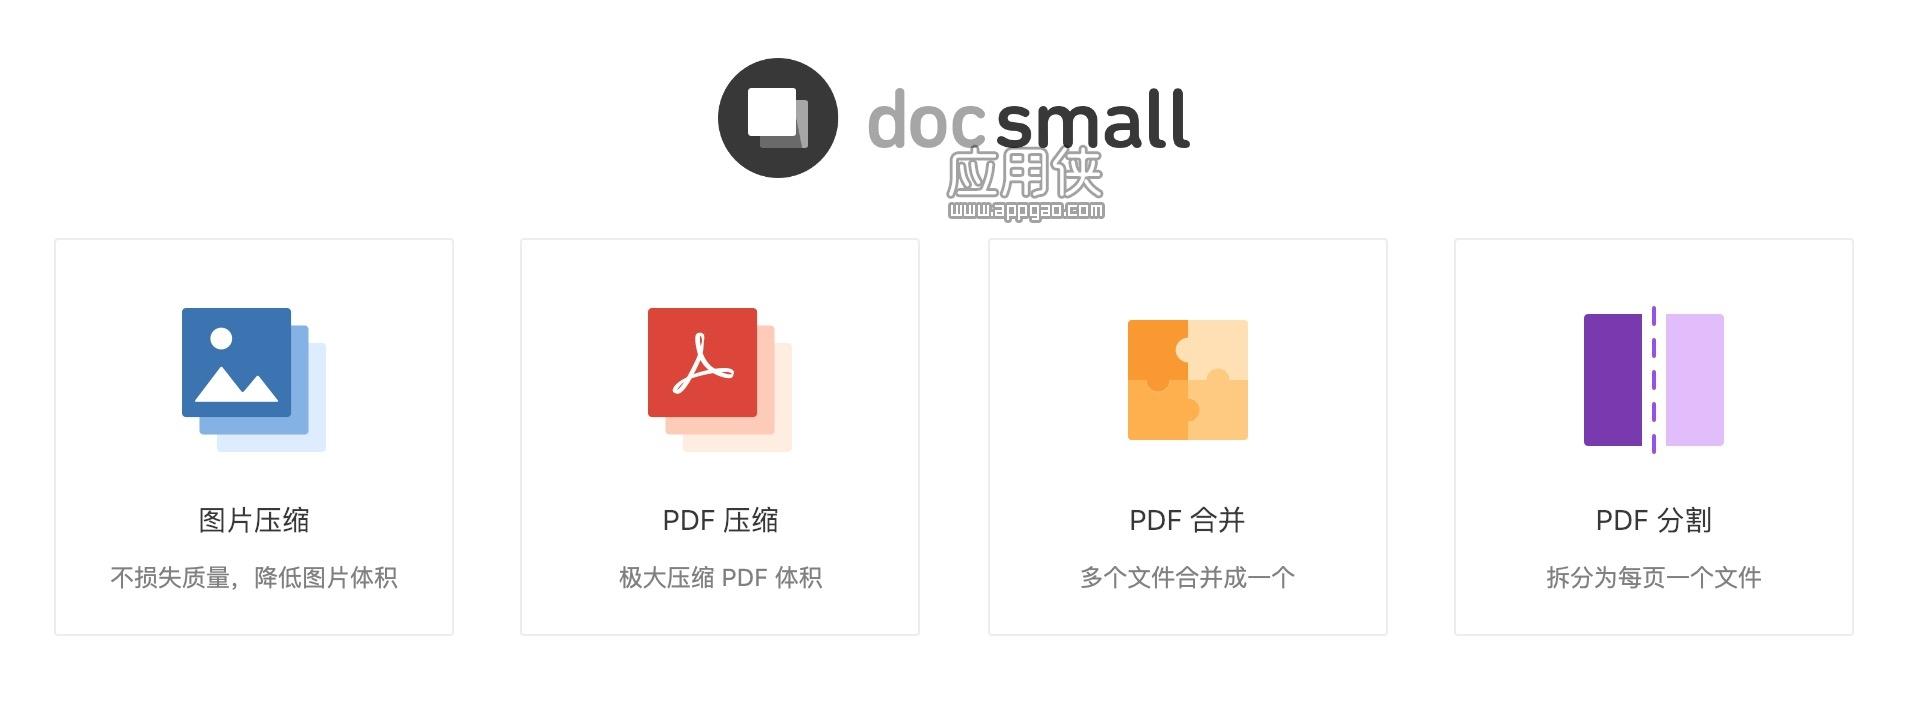 docsmall - 图片压缩 & PDF 分隔合并工具